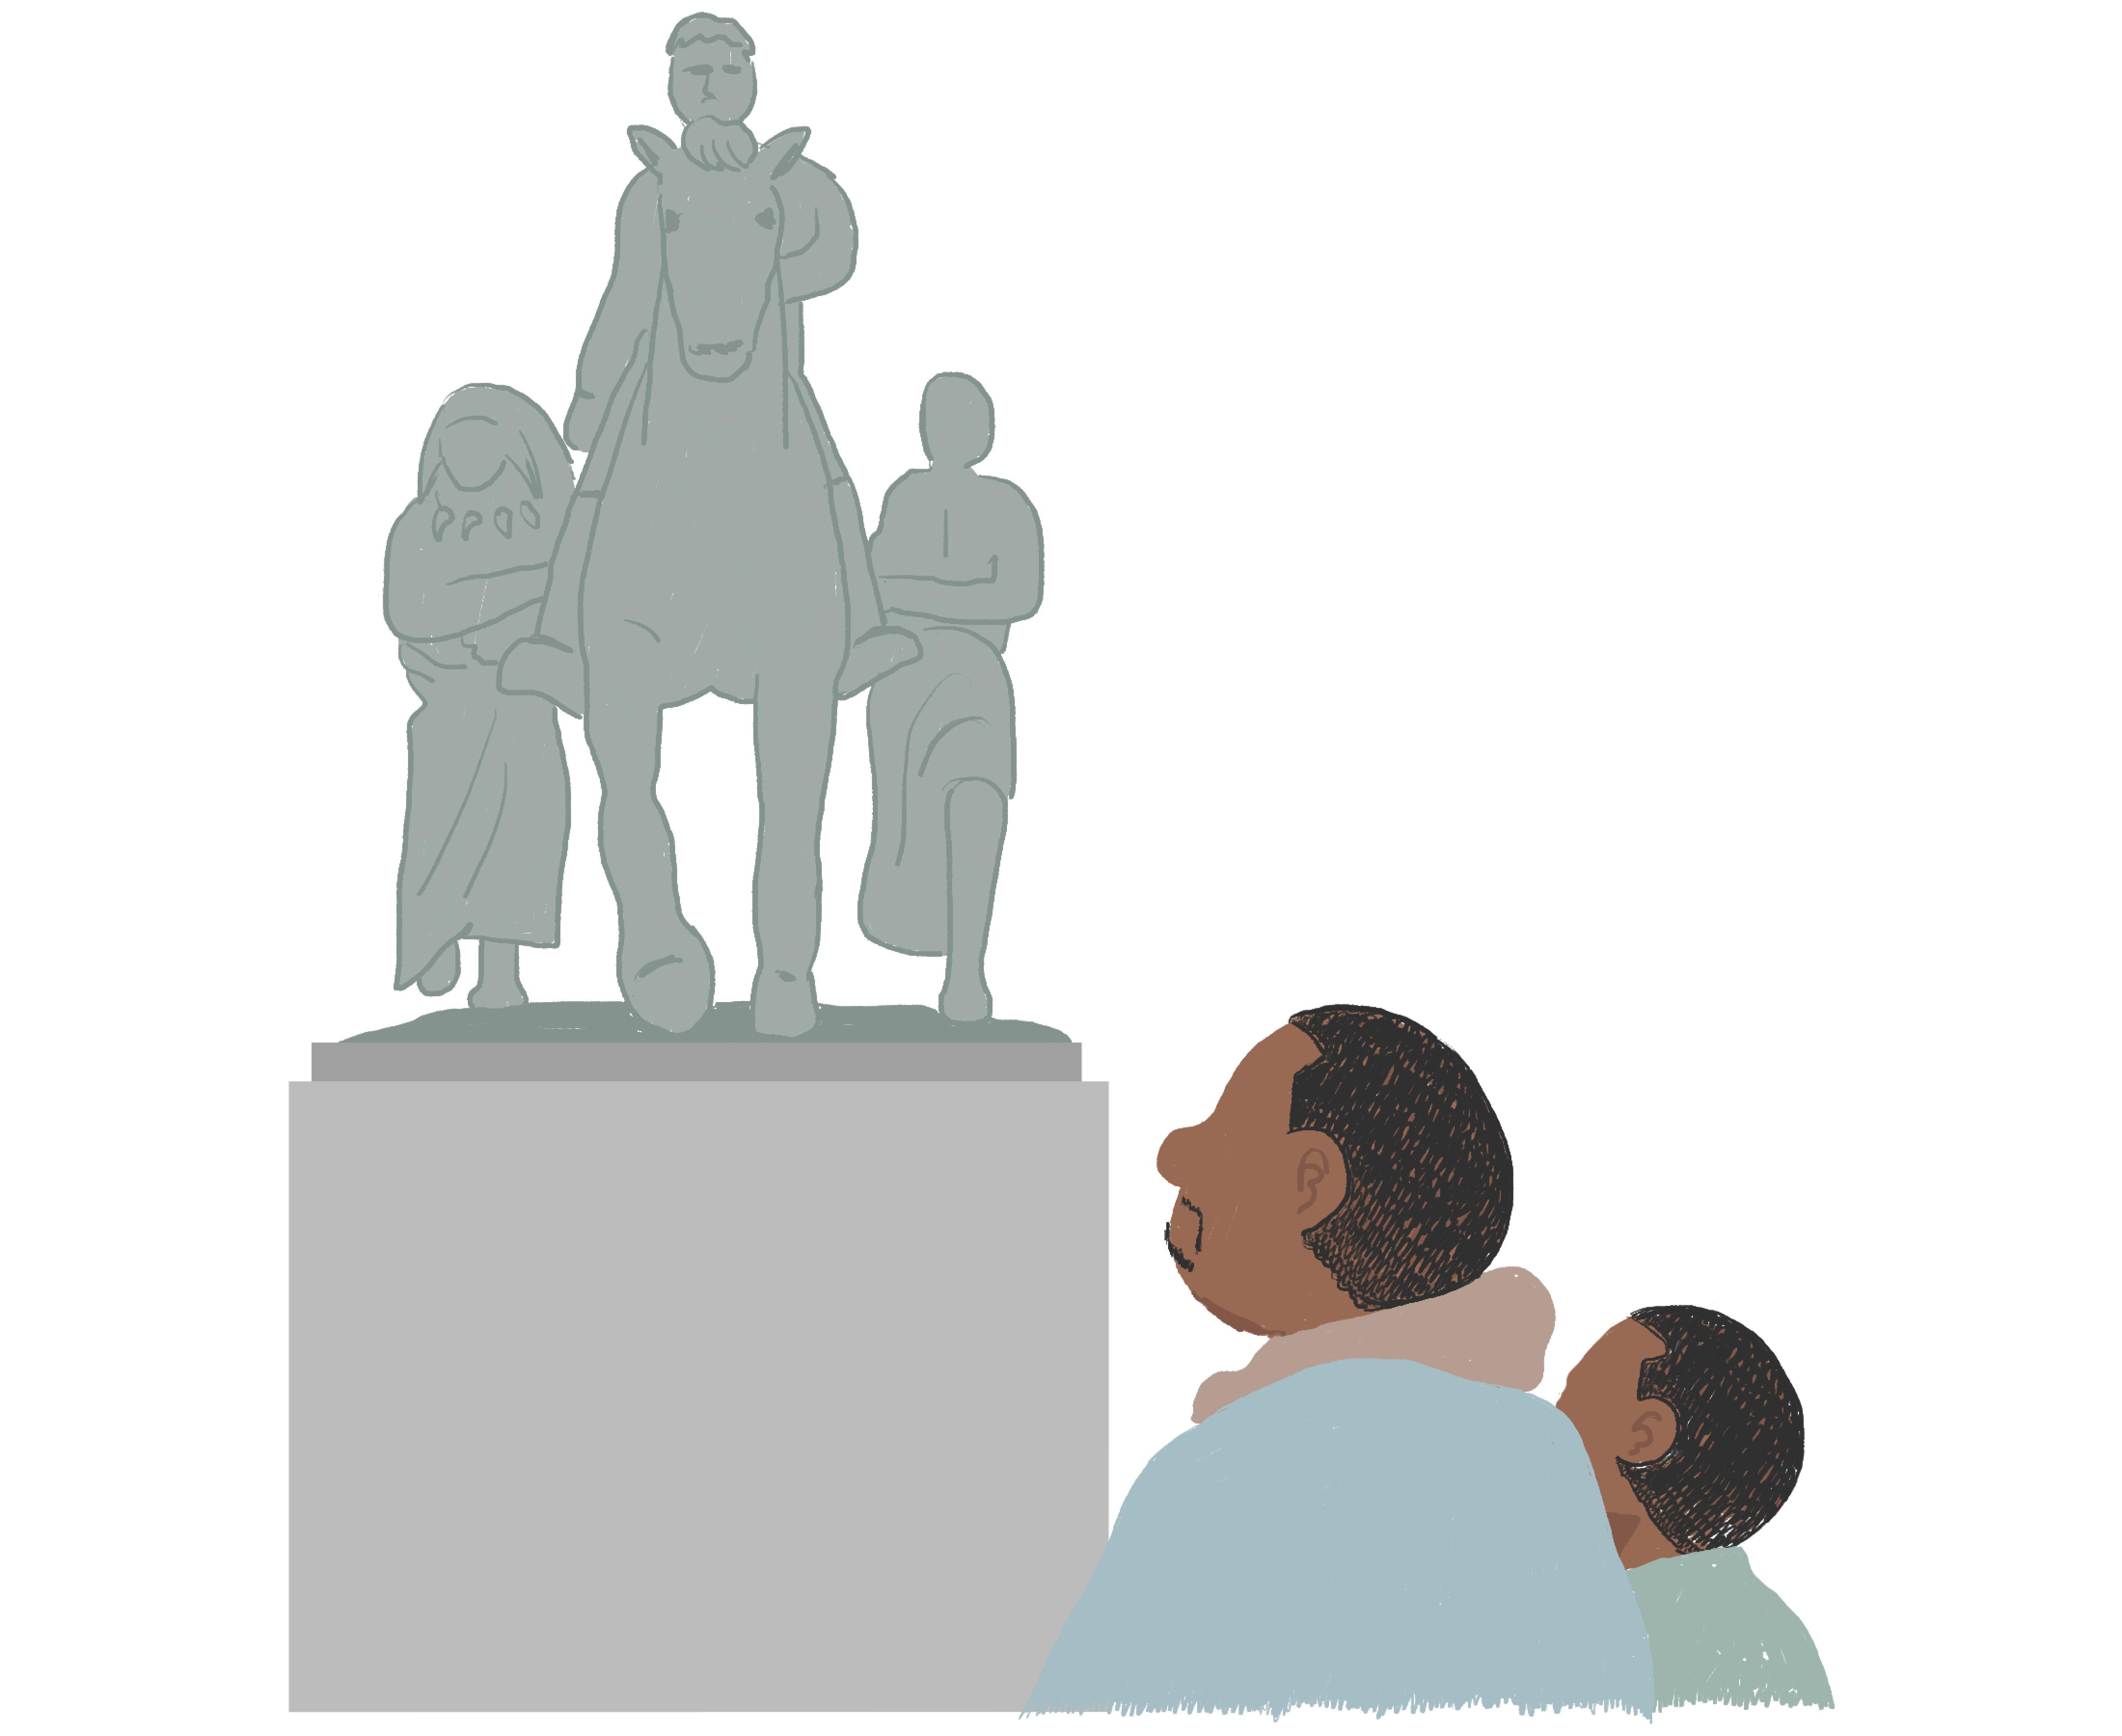 アメリカ自然史博物館 ルーズベルト像 タイタス・カファー TED